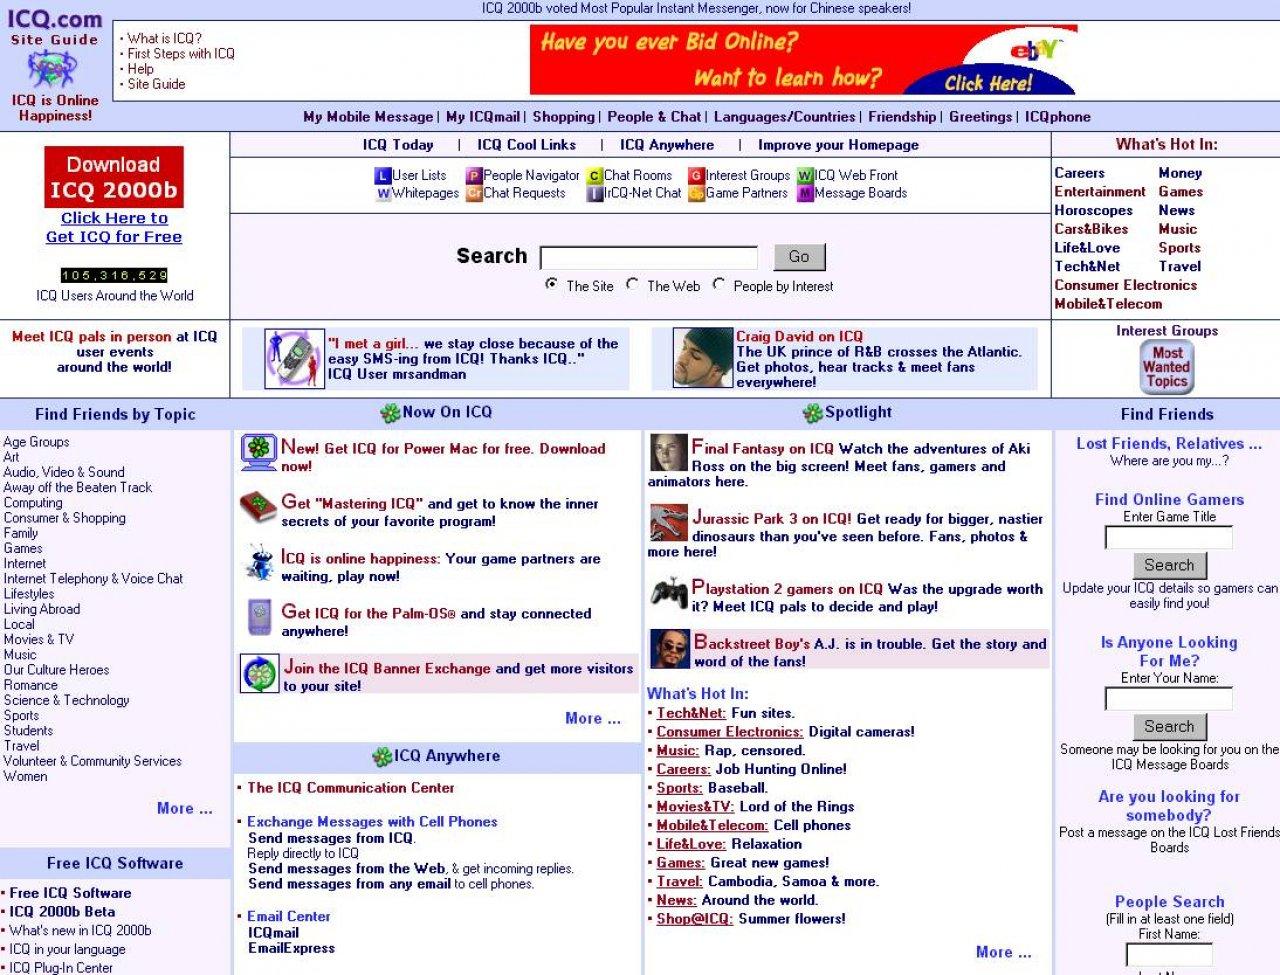 ICQ - neue Version erhältlich